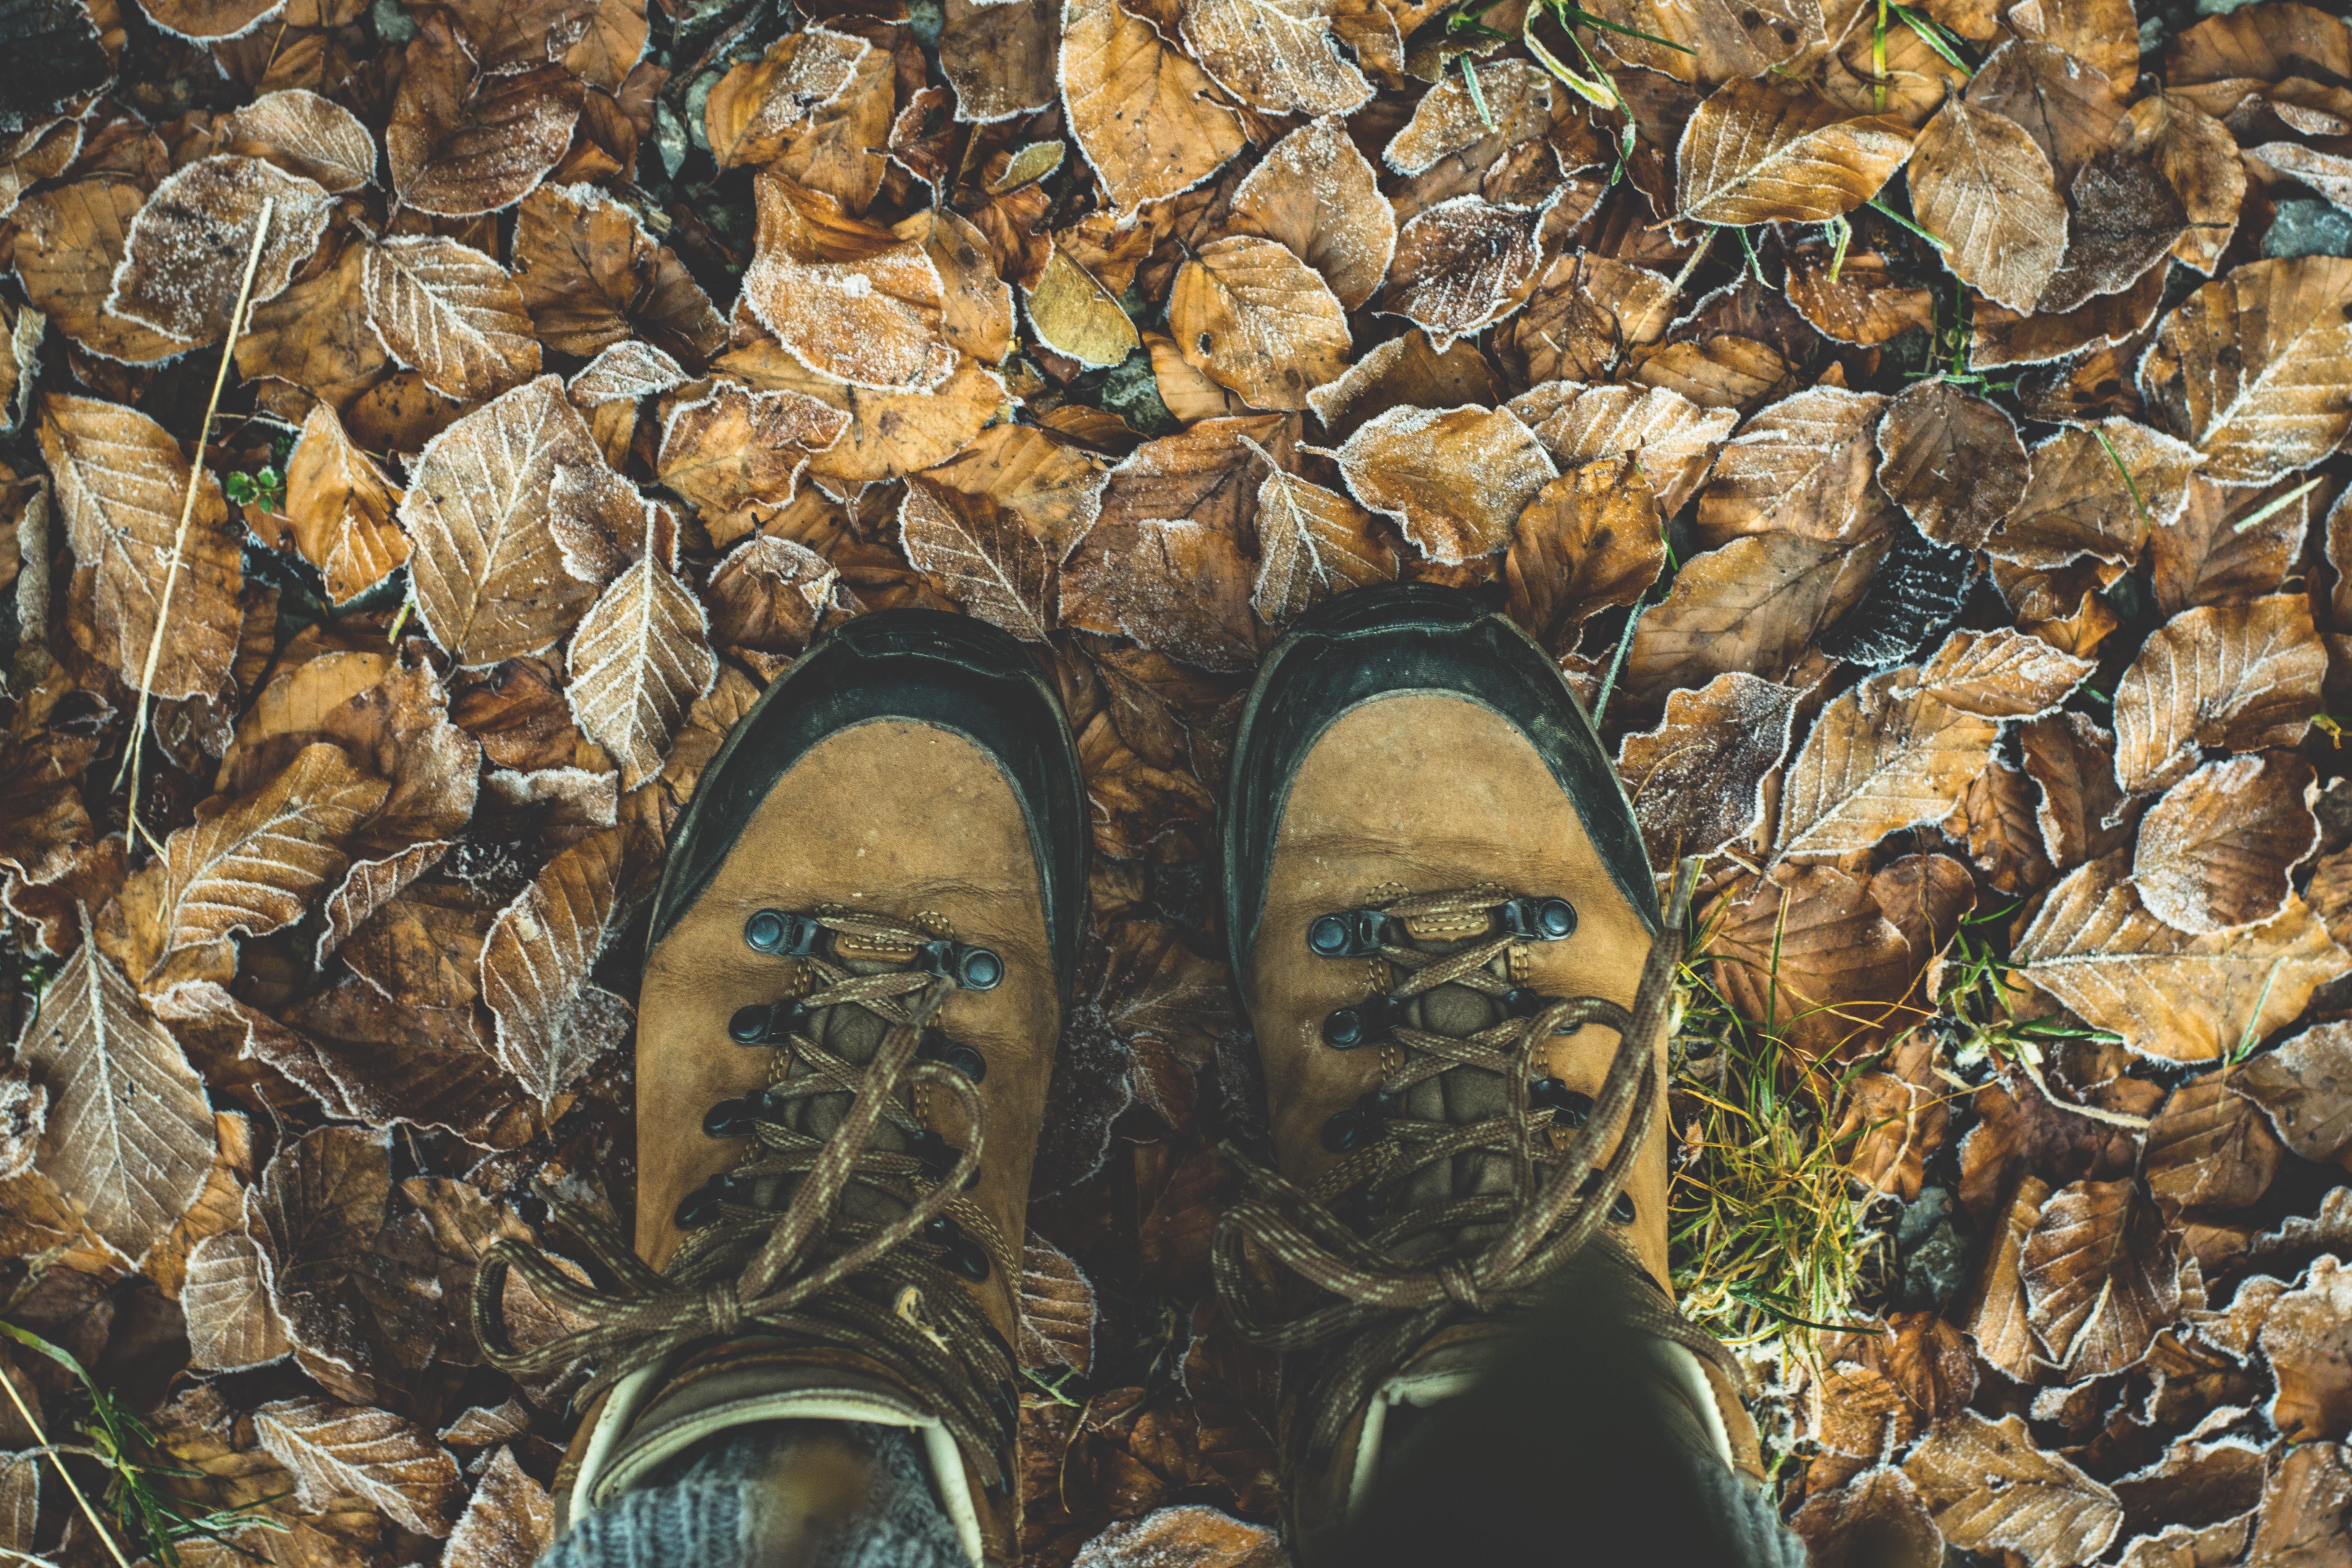 Fall_Hiking_Boots.jpeg